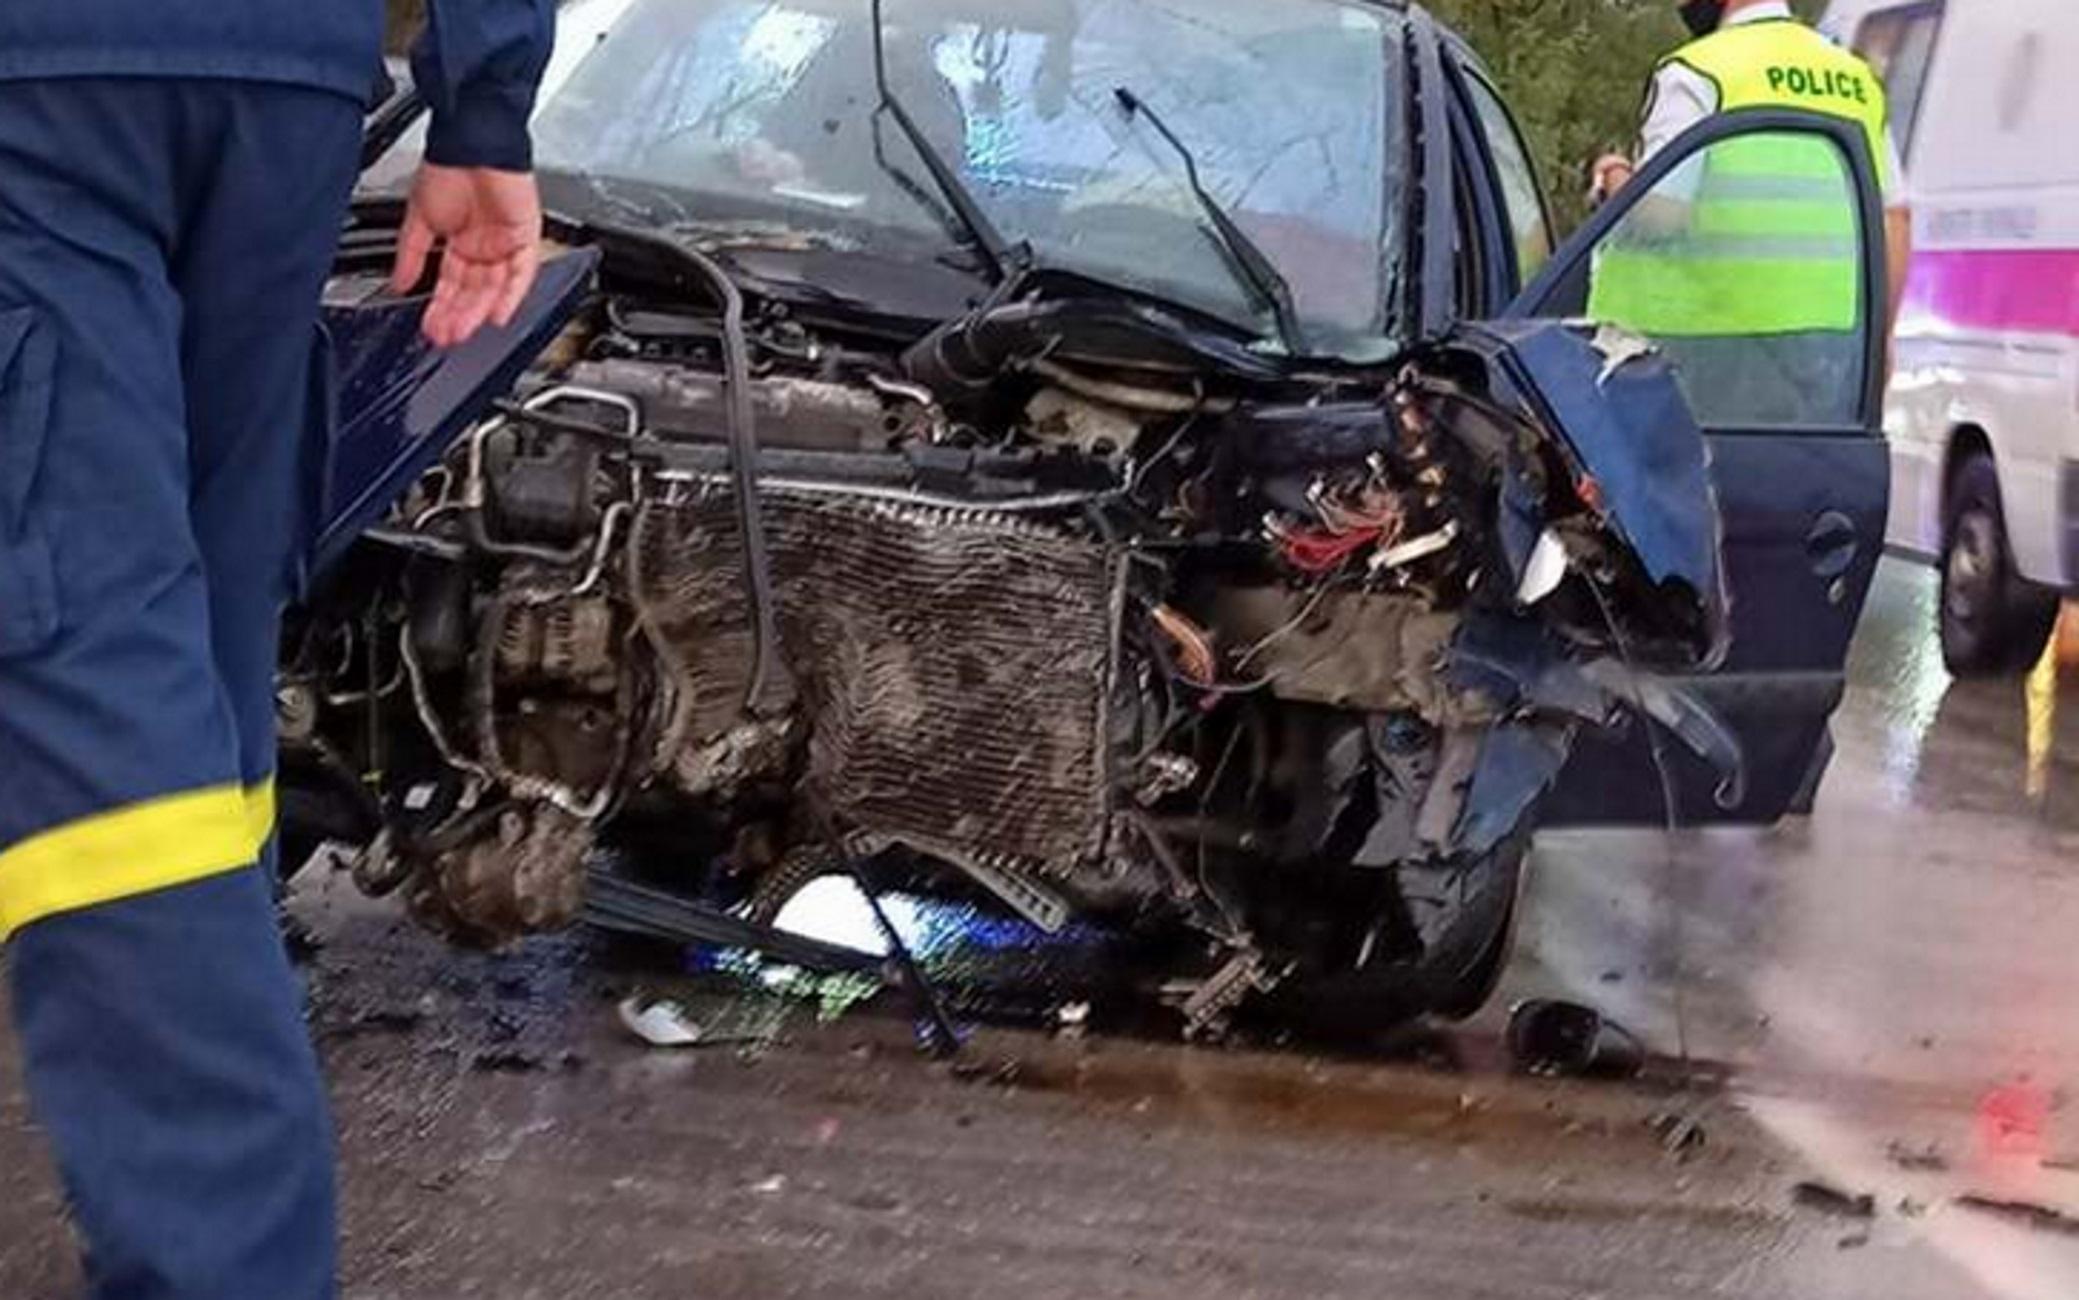 Αιτωλοακαρνανία: Σοβαρό τροχαίο με 3 τραυματίες στη γέφυρα Αχελώου – Δείτε την αυτοψία στο σημείο